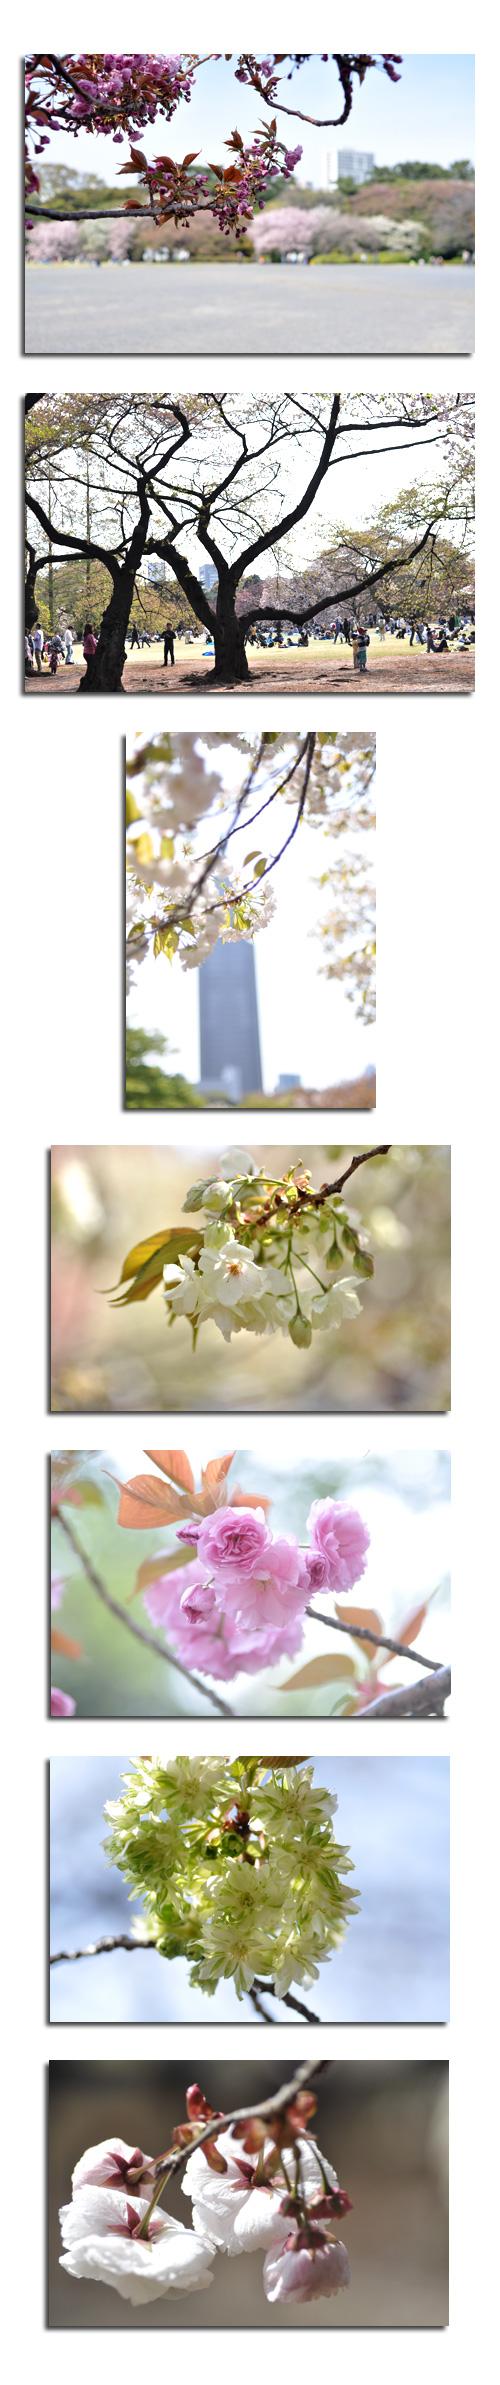 4月20日八重桜2